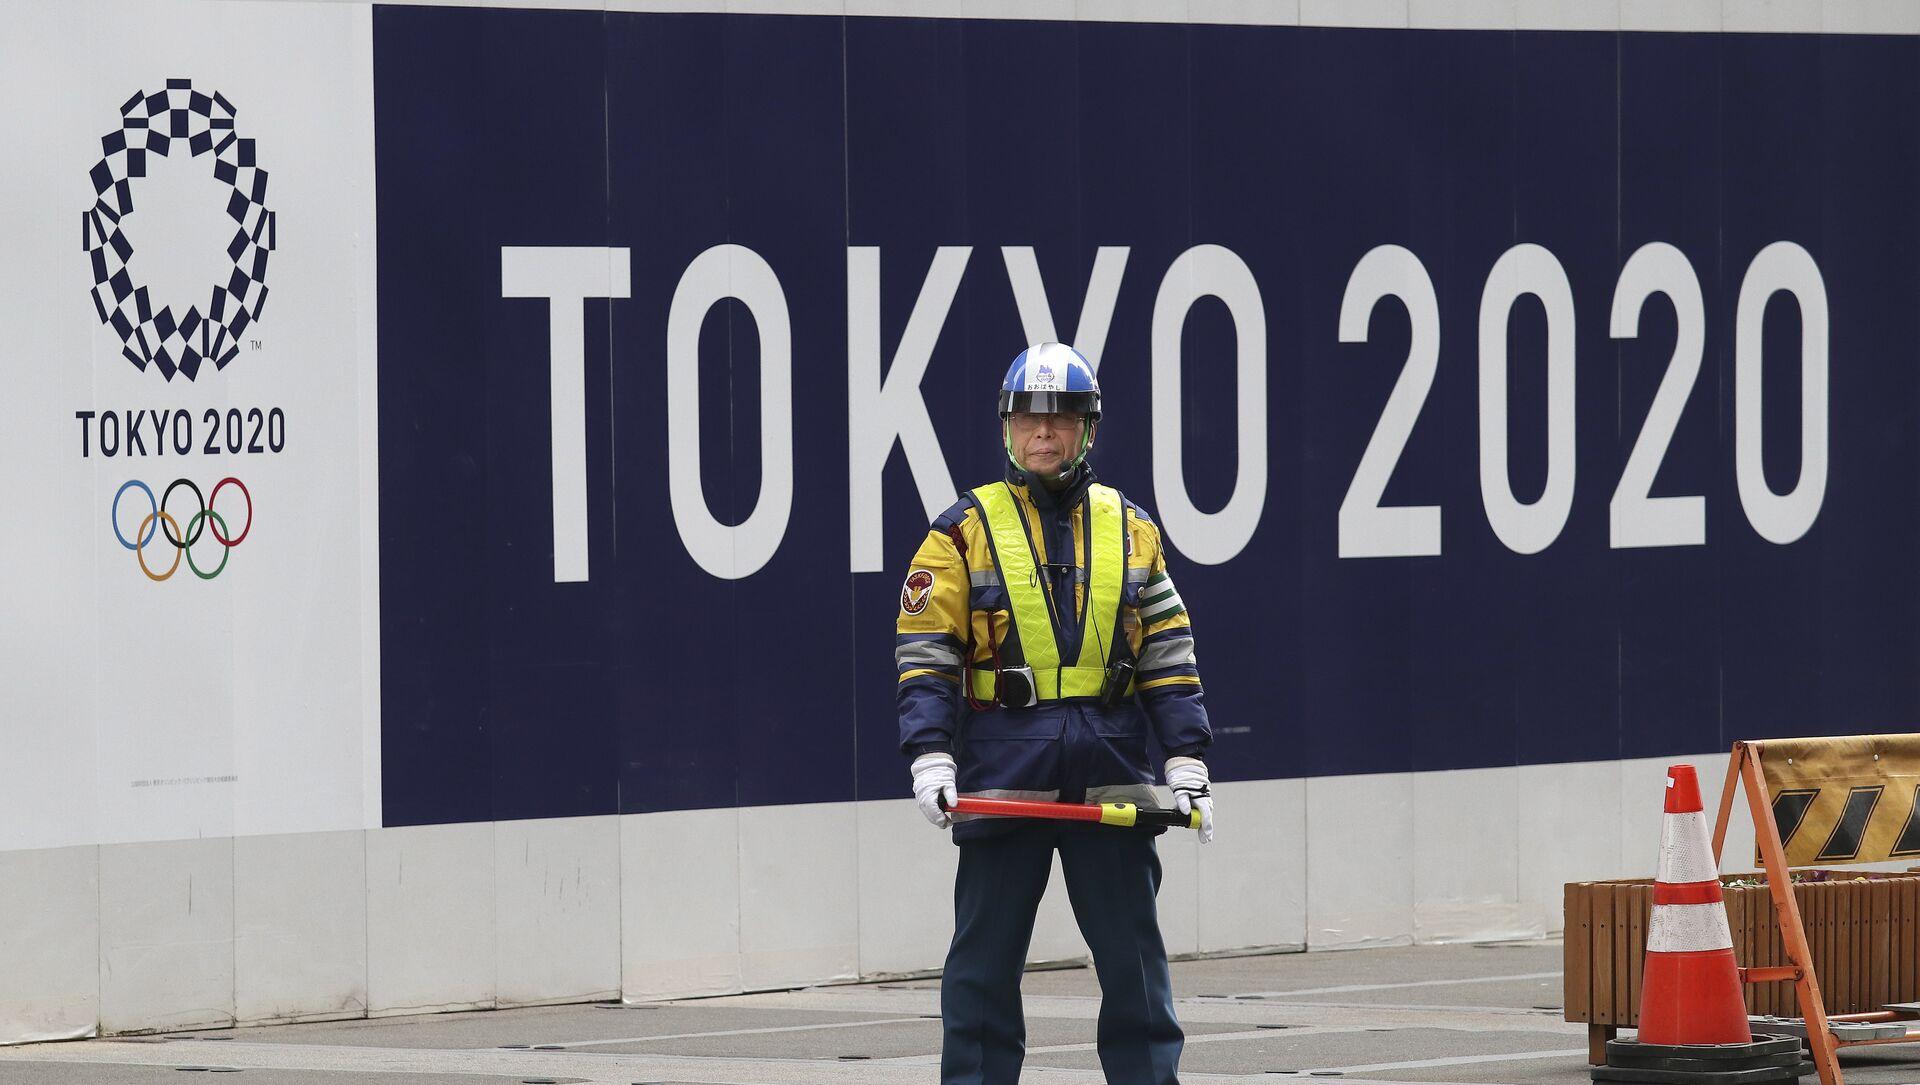 Olimpiadi Tokyo 2020 - Sputnik Italia, 1920, 14.04.2021